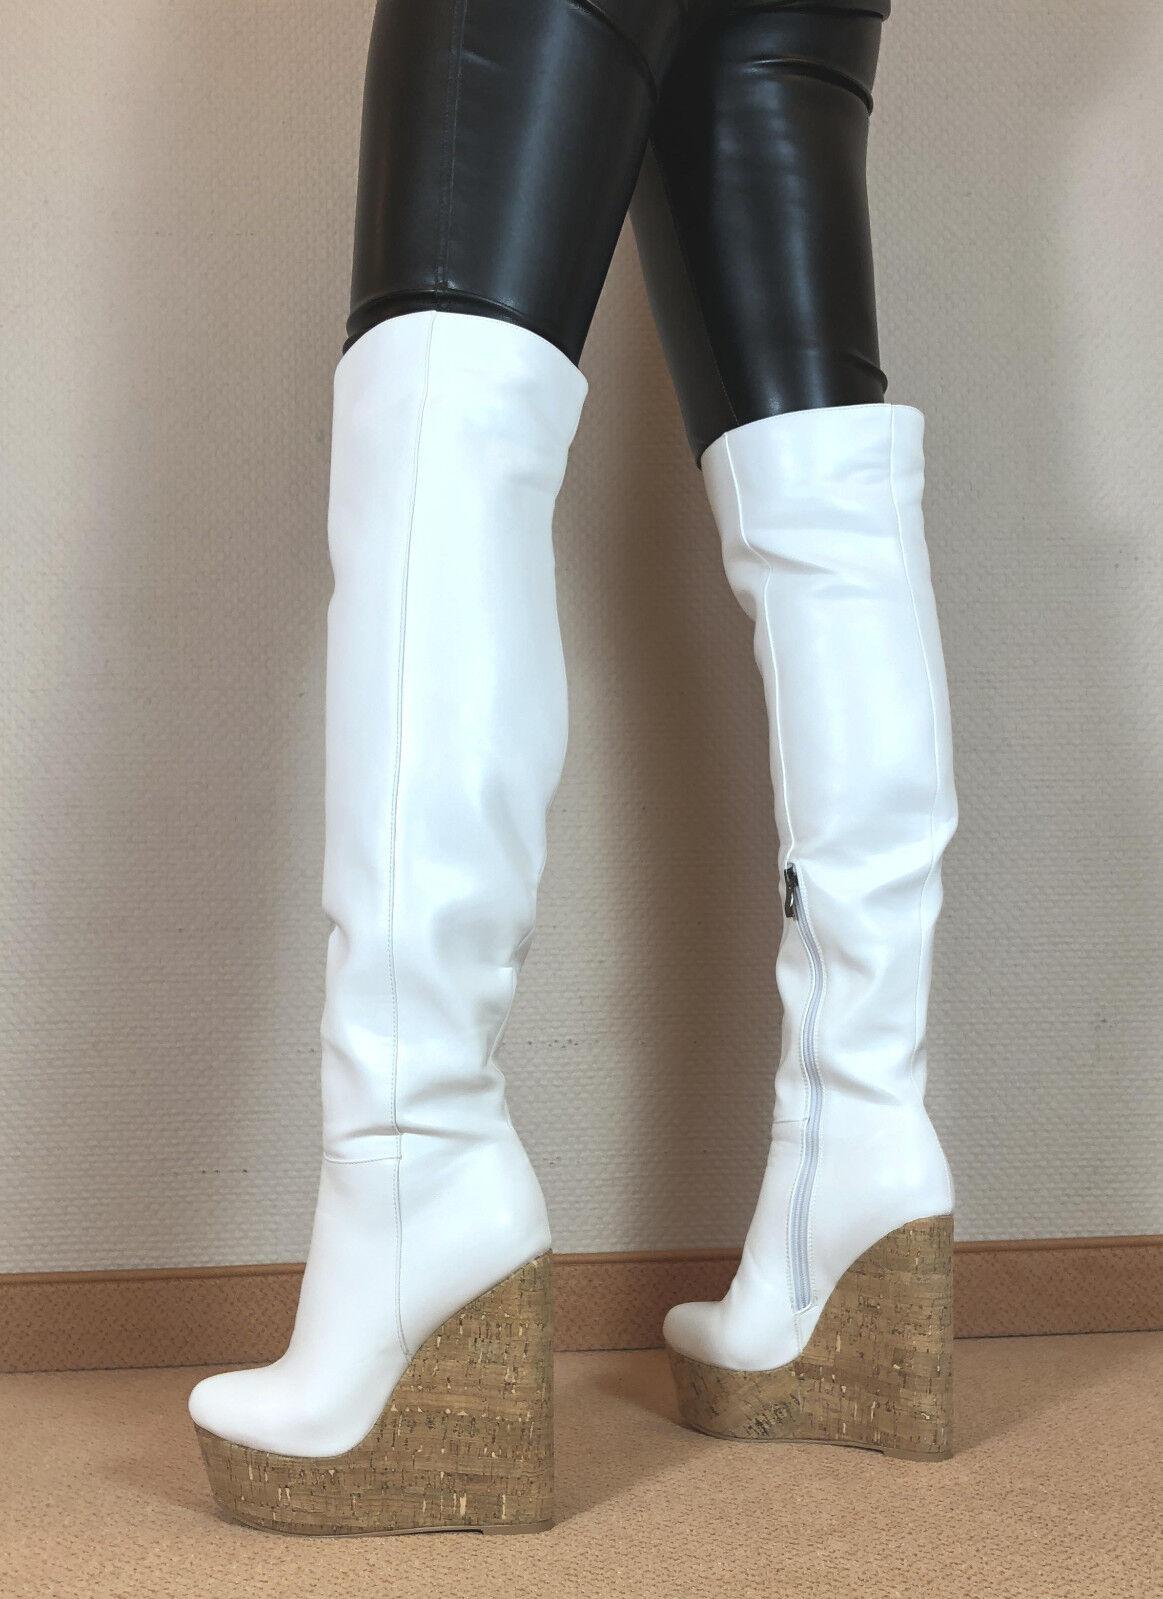 Talla 42 top  en exclusiva sexy sexy sexy zapatos señora botas altas de cuña bota botas hombres d7  ¡envío gratis!